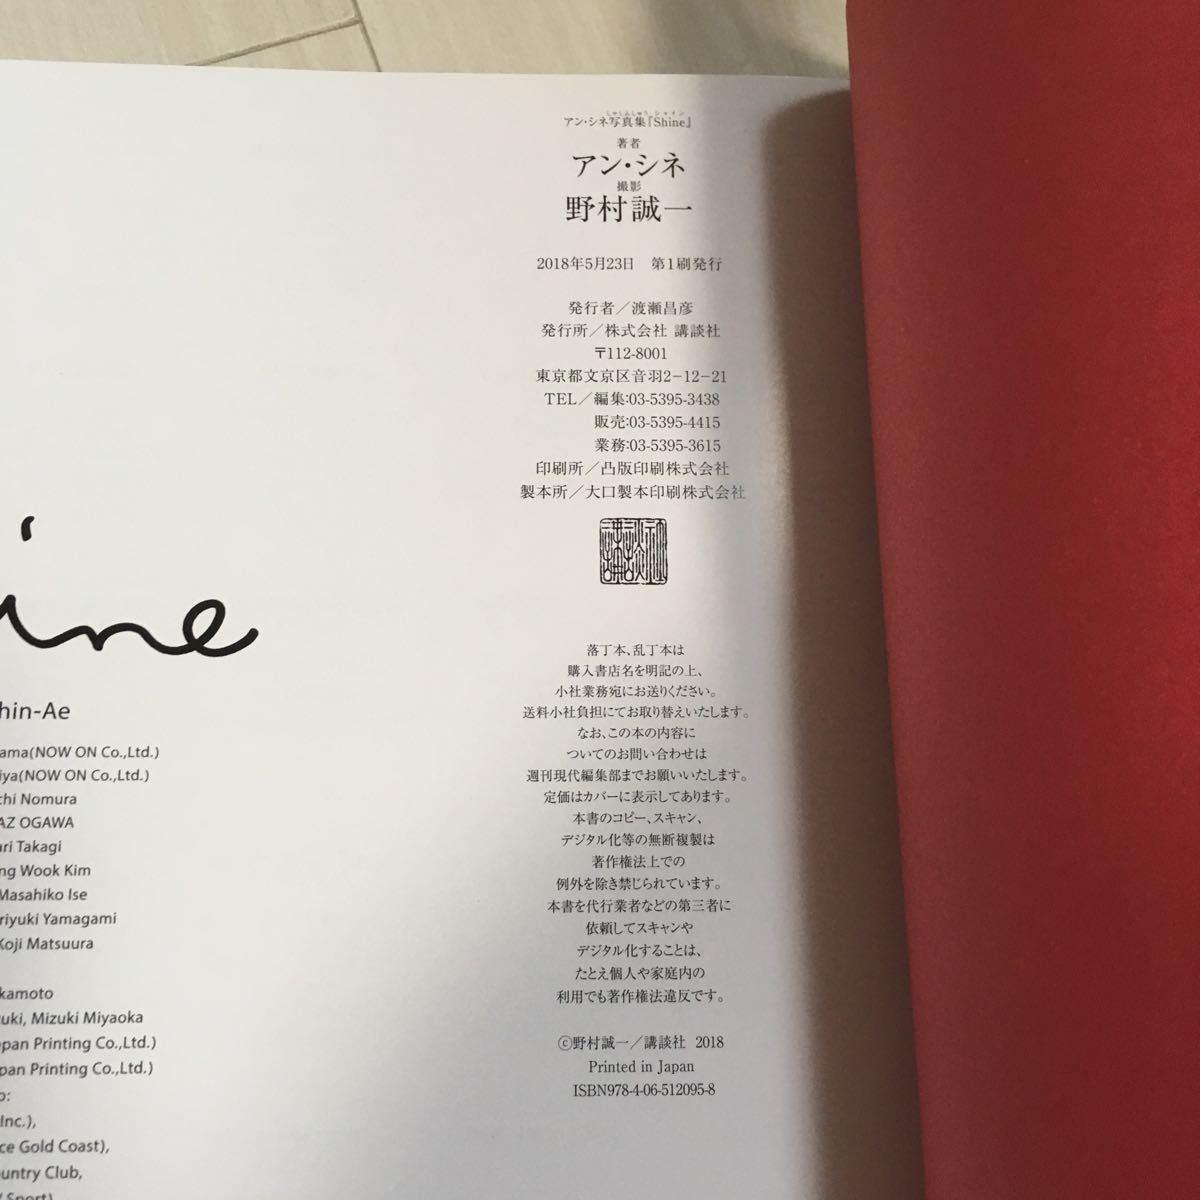 ◆特典ポストカード付◆Shine アン・シネ写真集 野村誠一